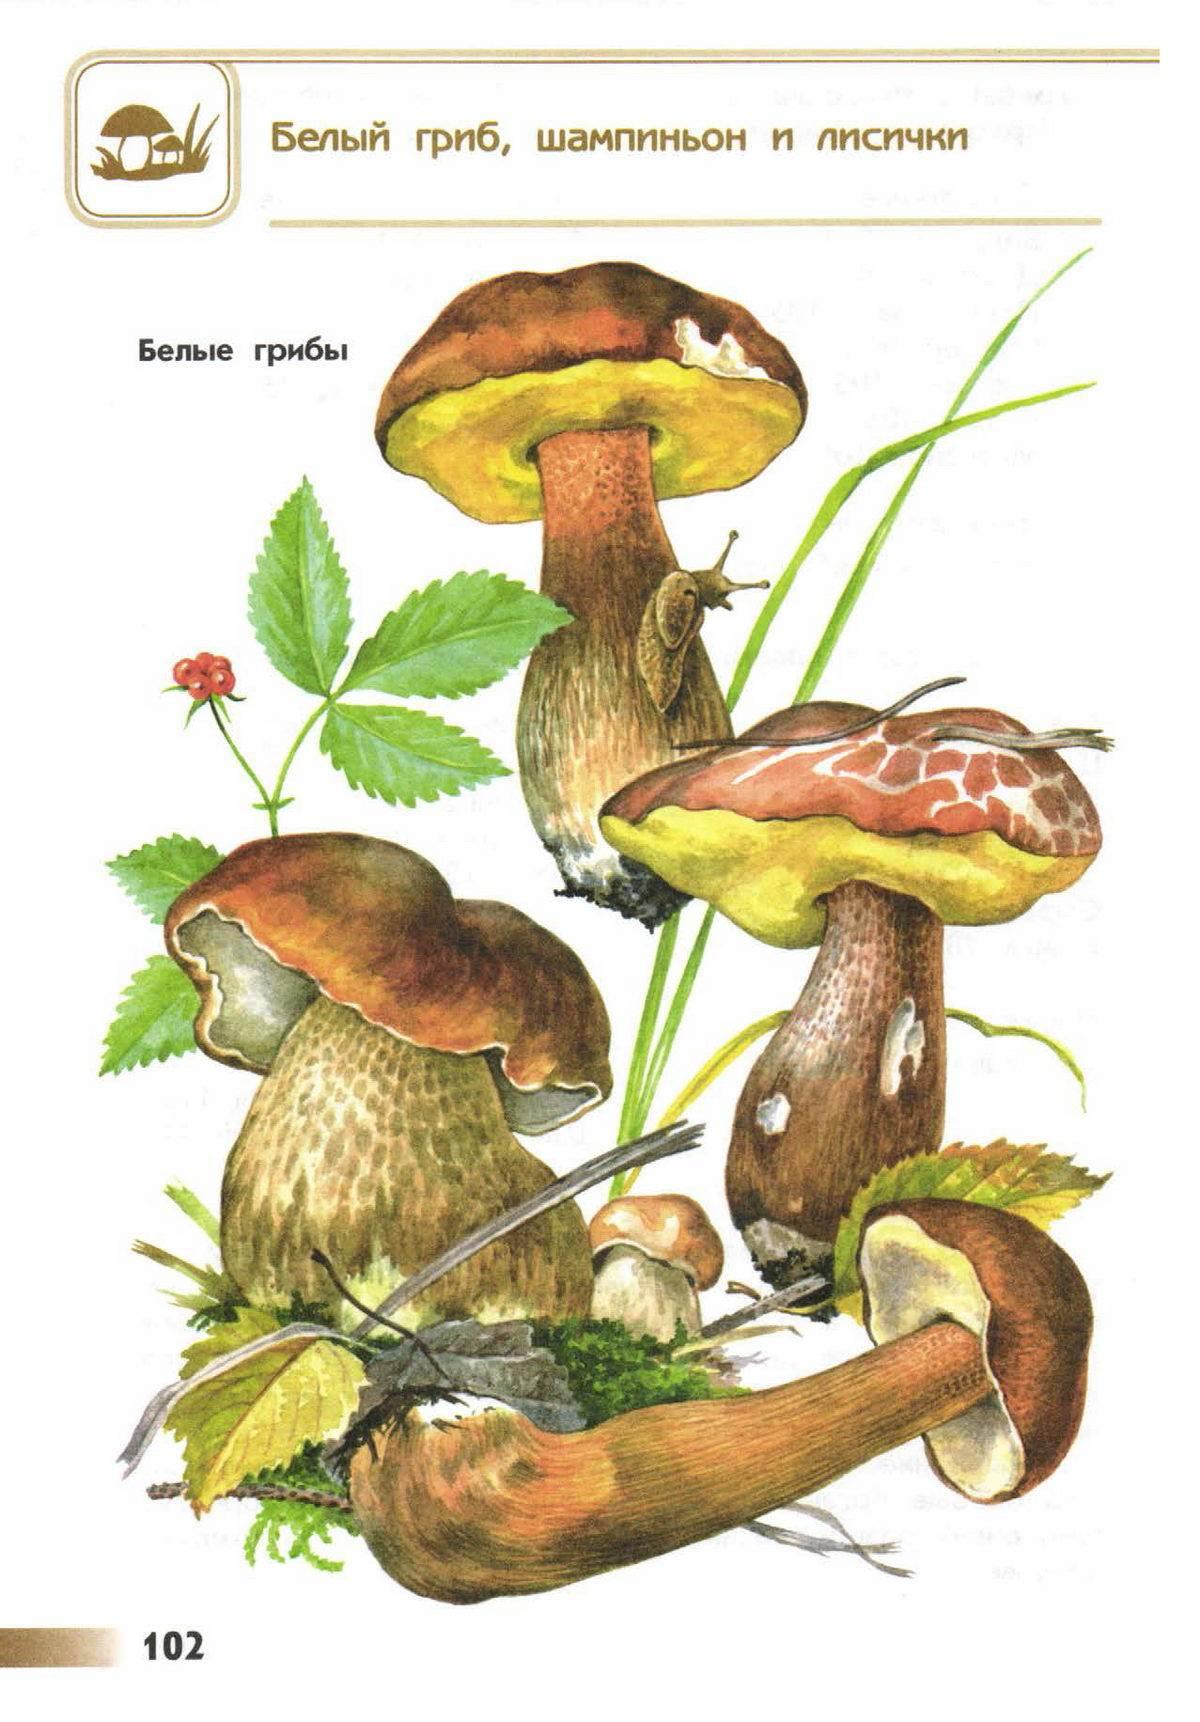 Белый гриб: особенности и перспективы выращивания в промышленных масштабах (105 фото)